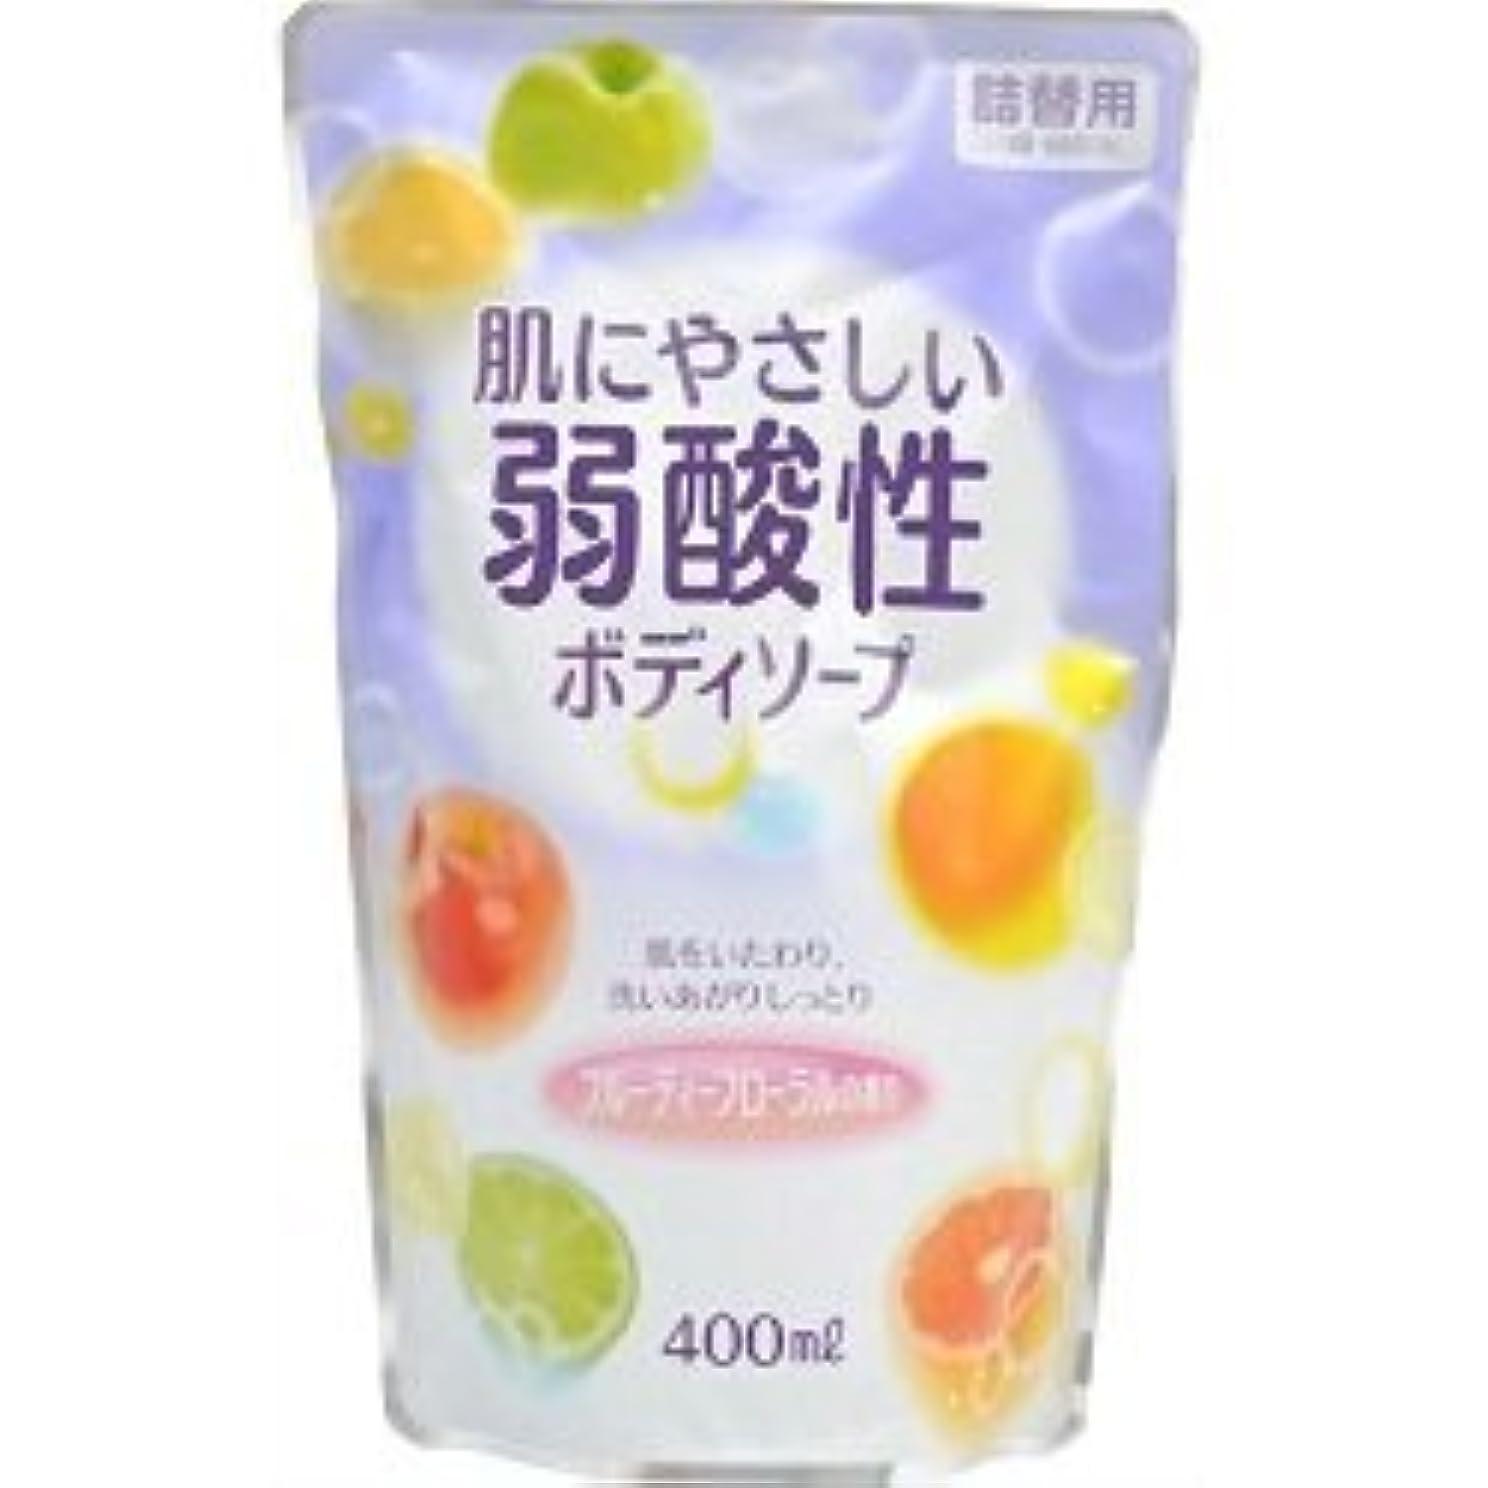 区画アジア顔料【エオリア】弱酸性ボディソープ フルーティフローラルの香り 詰替用 400ml ×5個セット